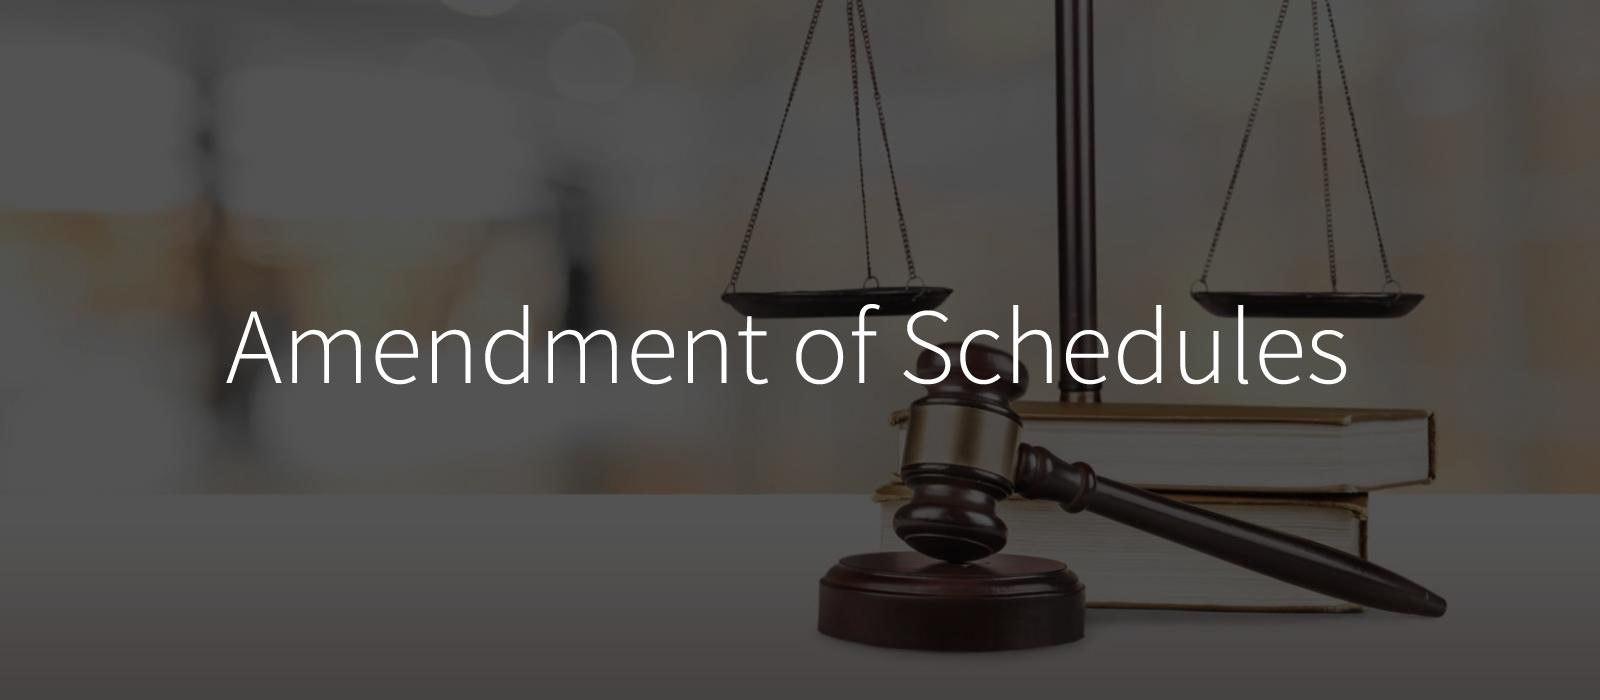 amendment-of-schedules